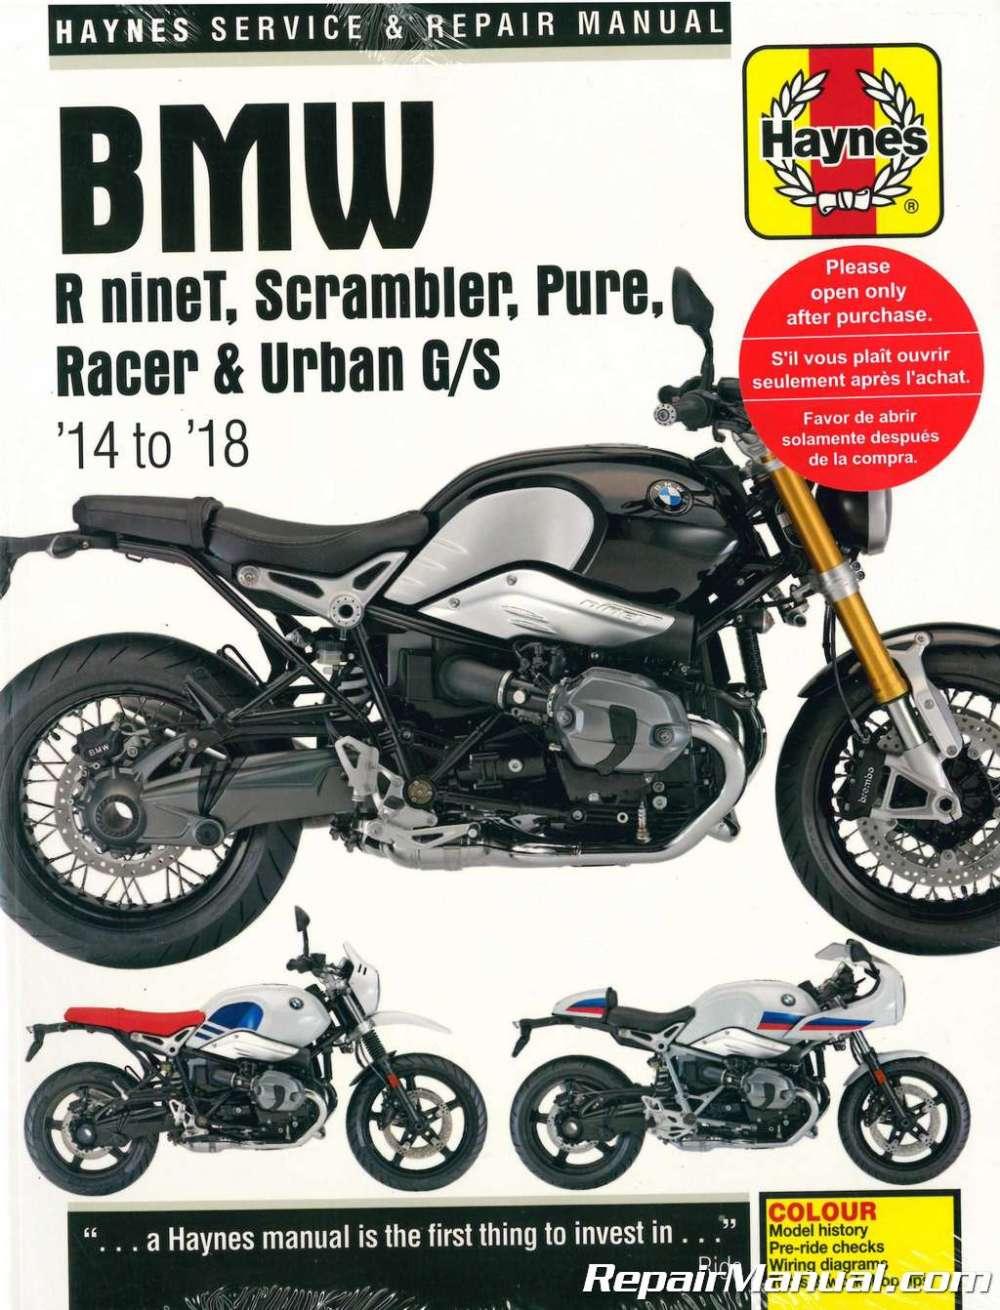 medium resolution of haynes 2014 2018 bmw r ninet motorcycle repair manualhaynes 2014 u2013 2018 bmw r ninet st repair manuals